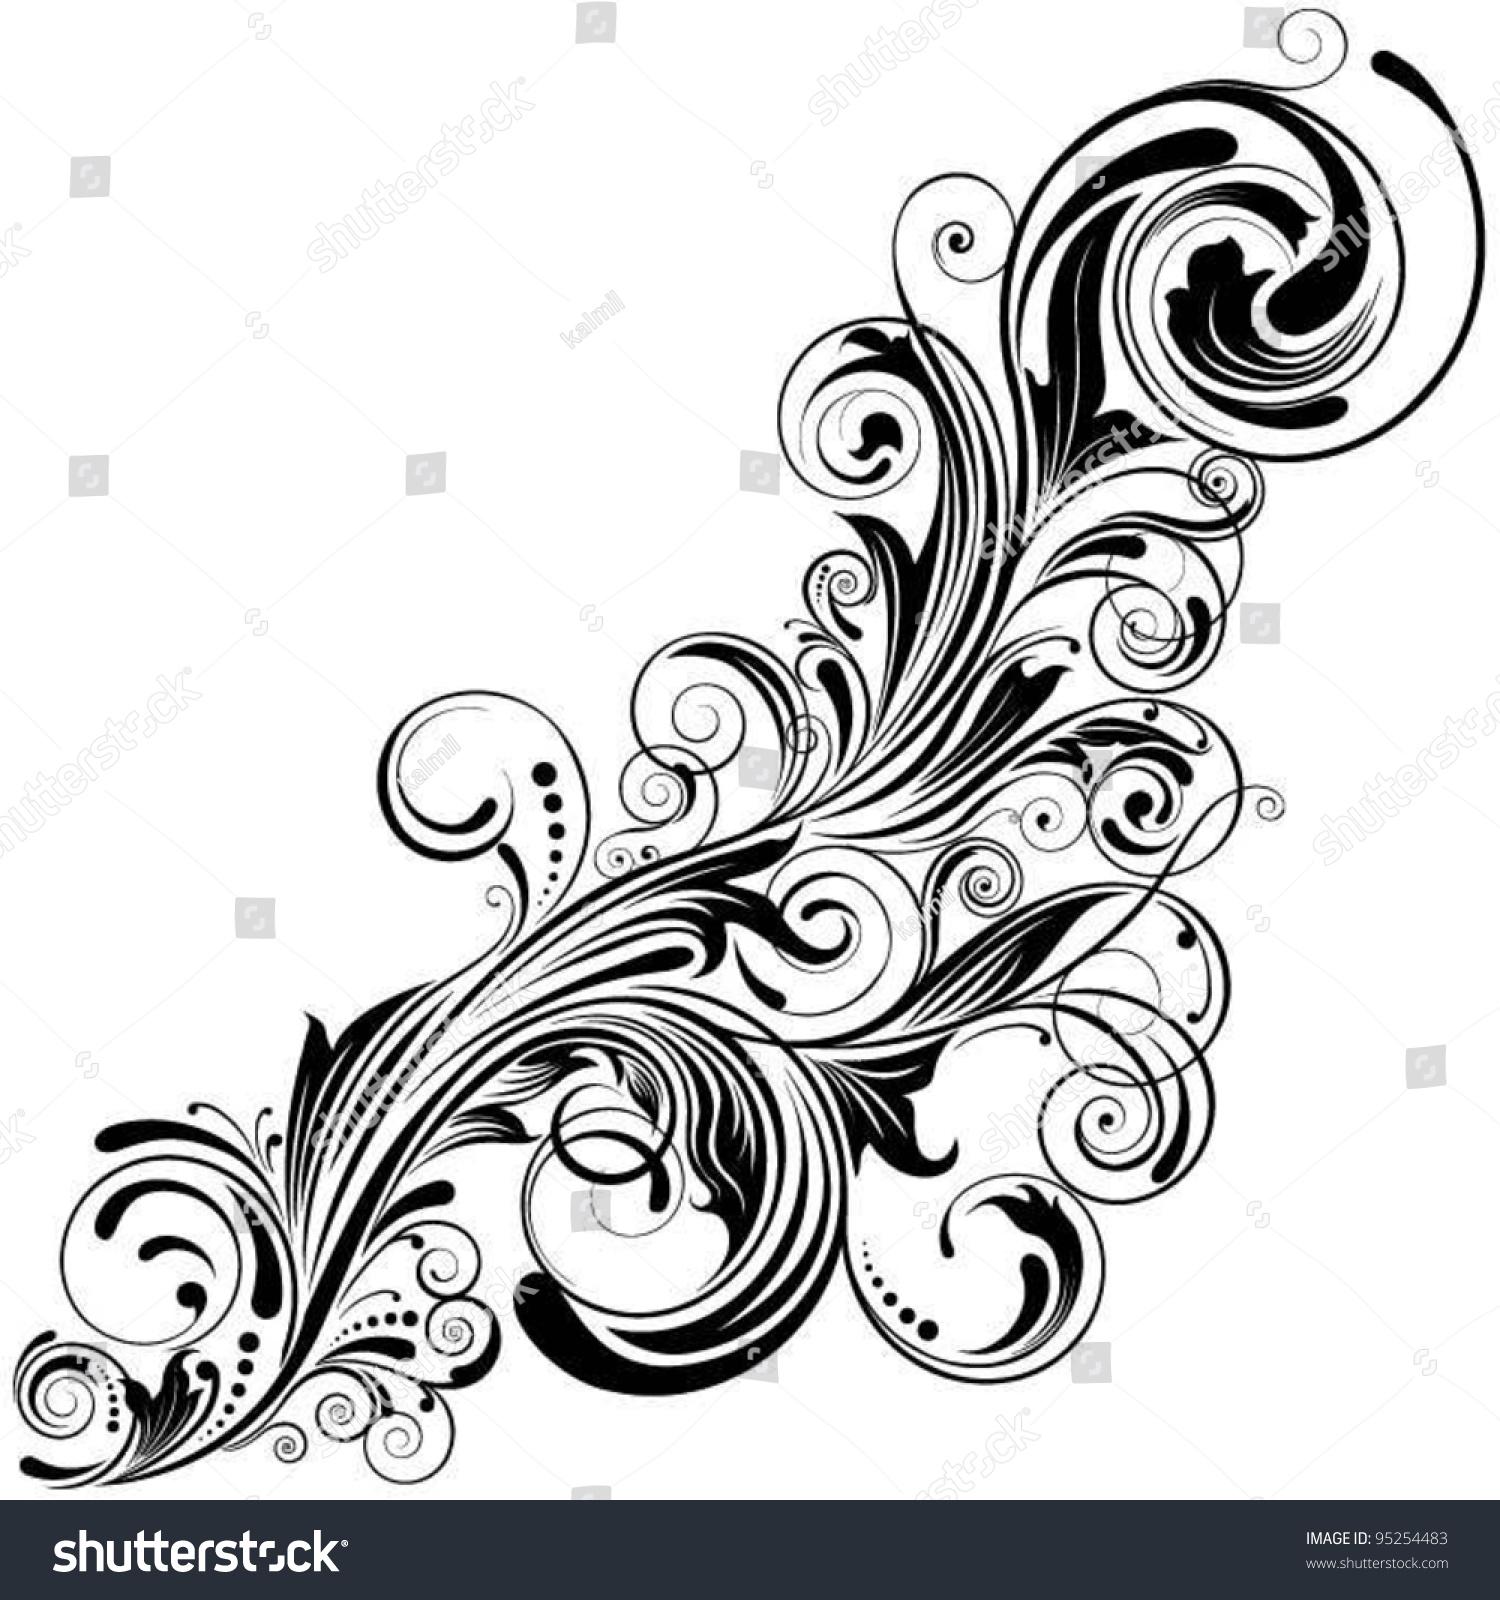 swirl corner black designdetailed floral design stock vector 95254483 shutterstock. Black Bedroom Furniture Sets. Home Design Ideas